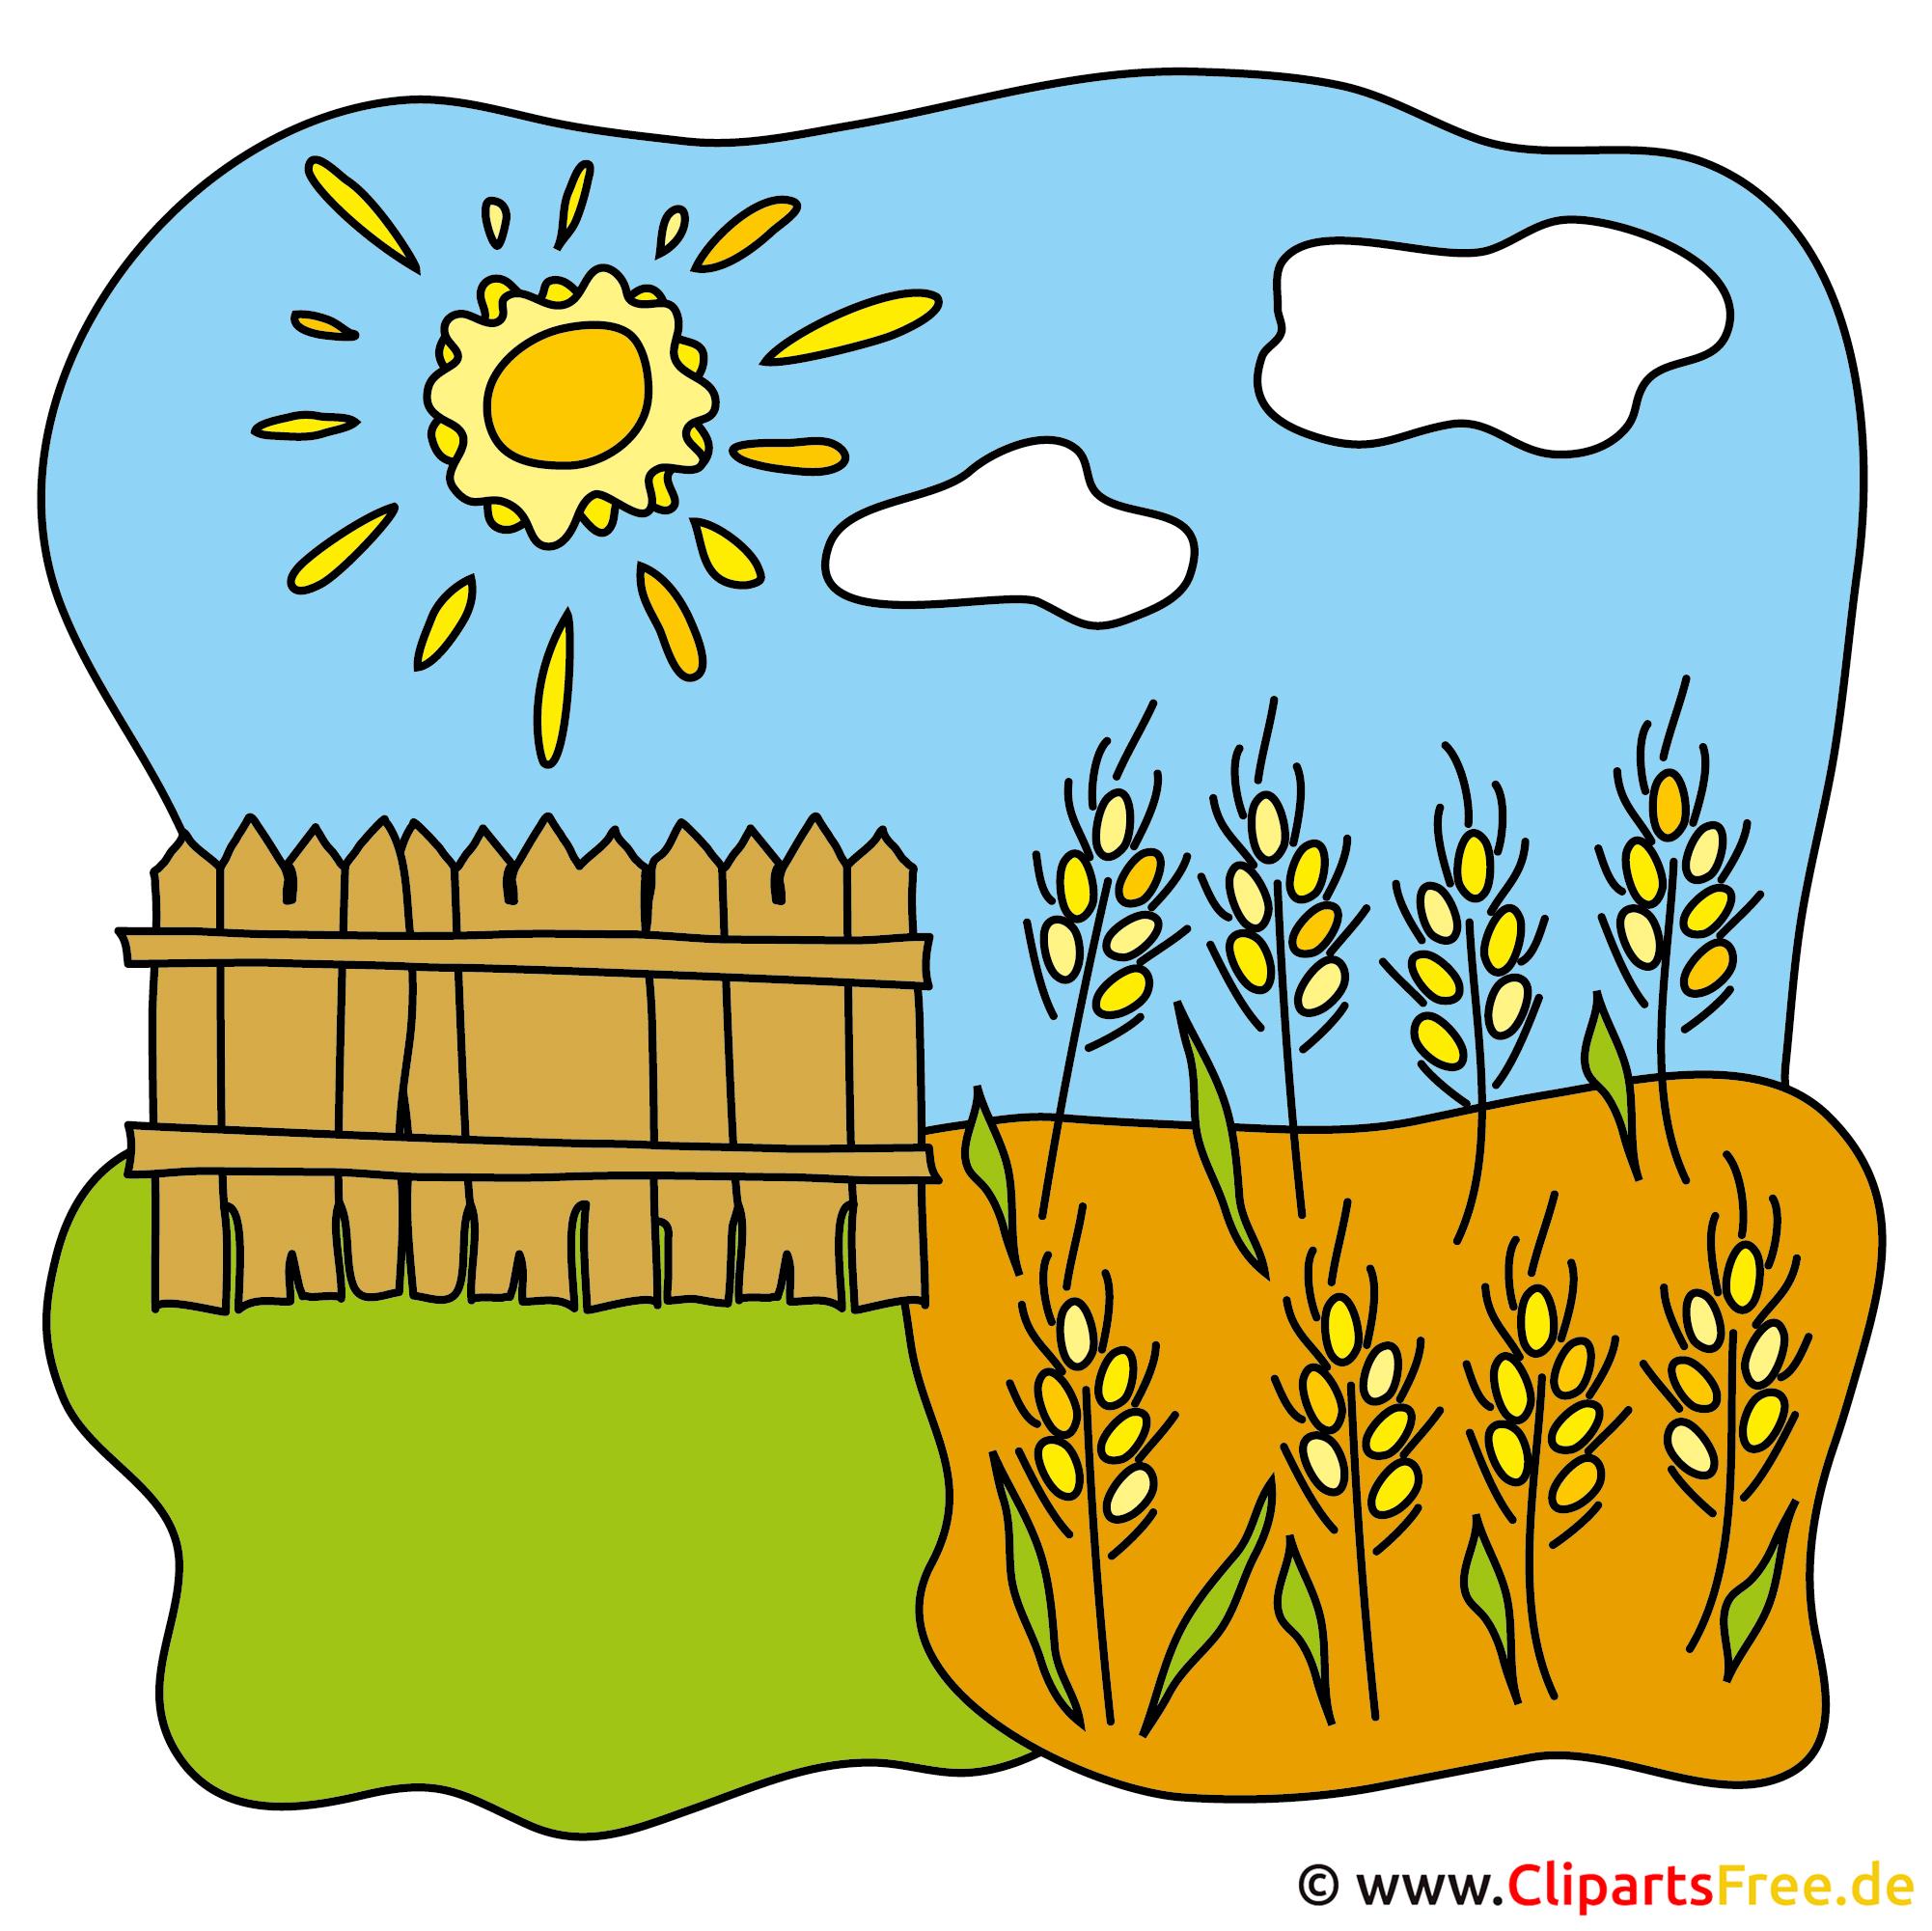 Clip Art Bild Bauernhof gratis